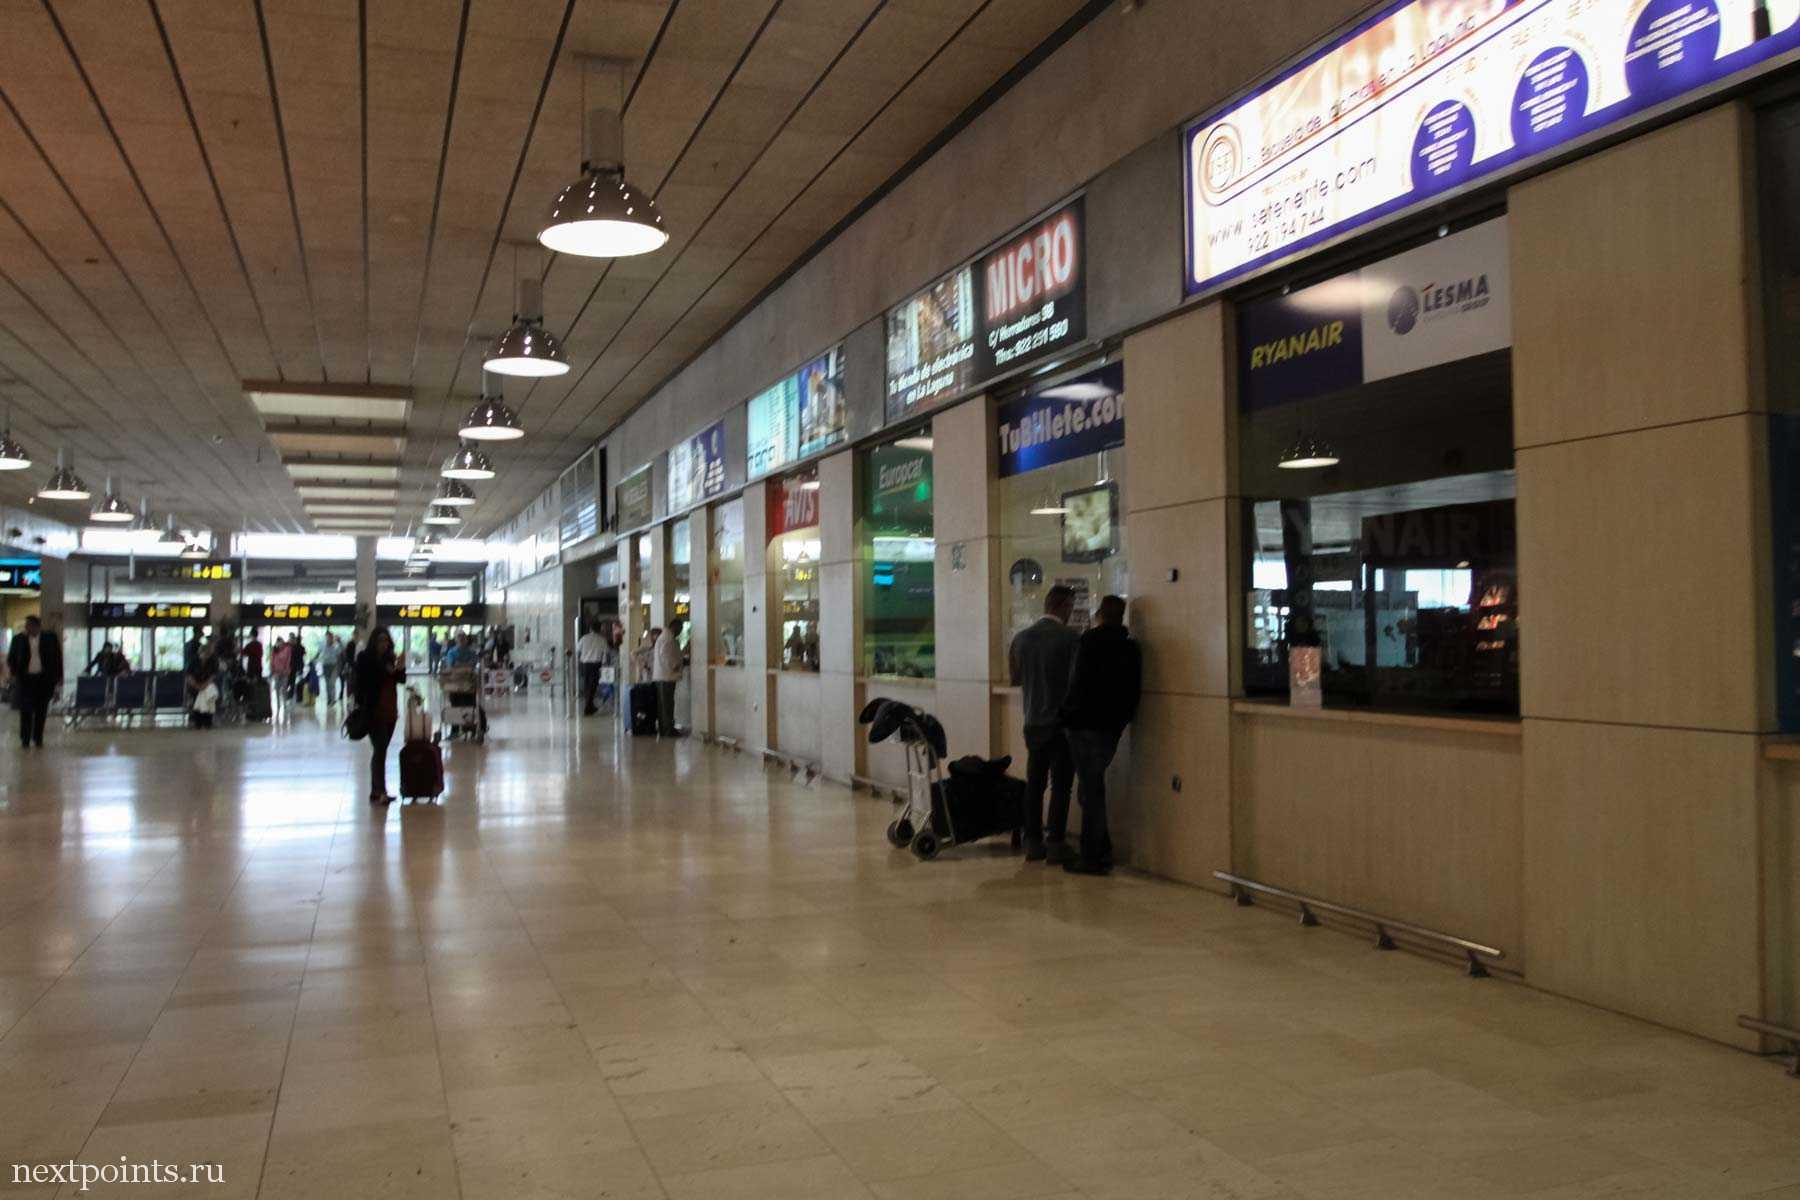 Аэропорт Тенерифе (Север). Стойки с компаниями по прокату авто.